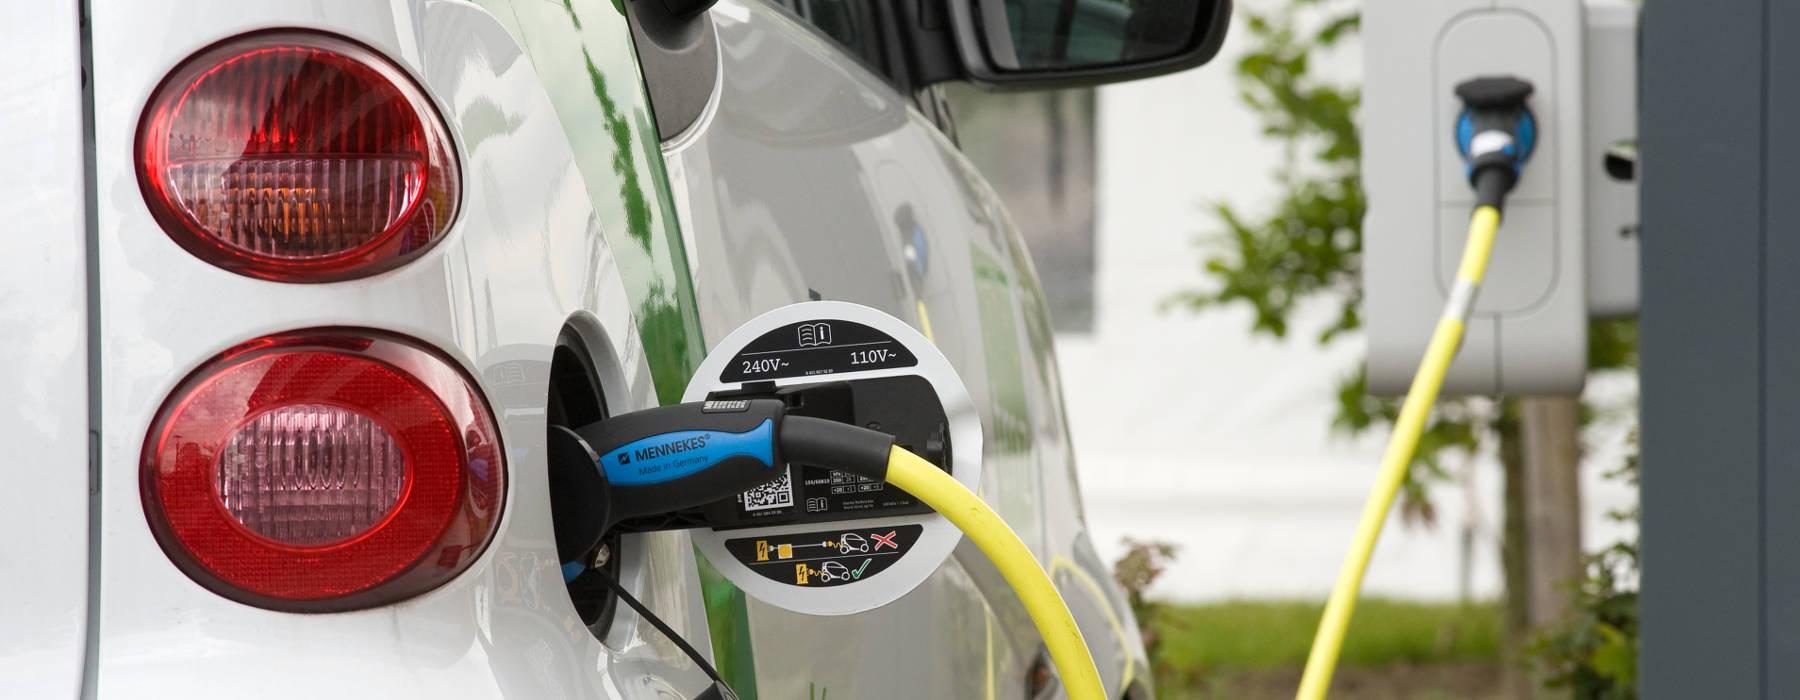 FNP nijs enerzjy 3 elektryske auto